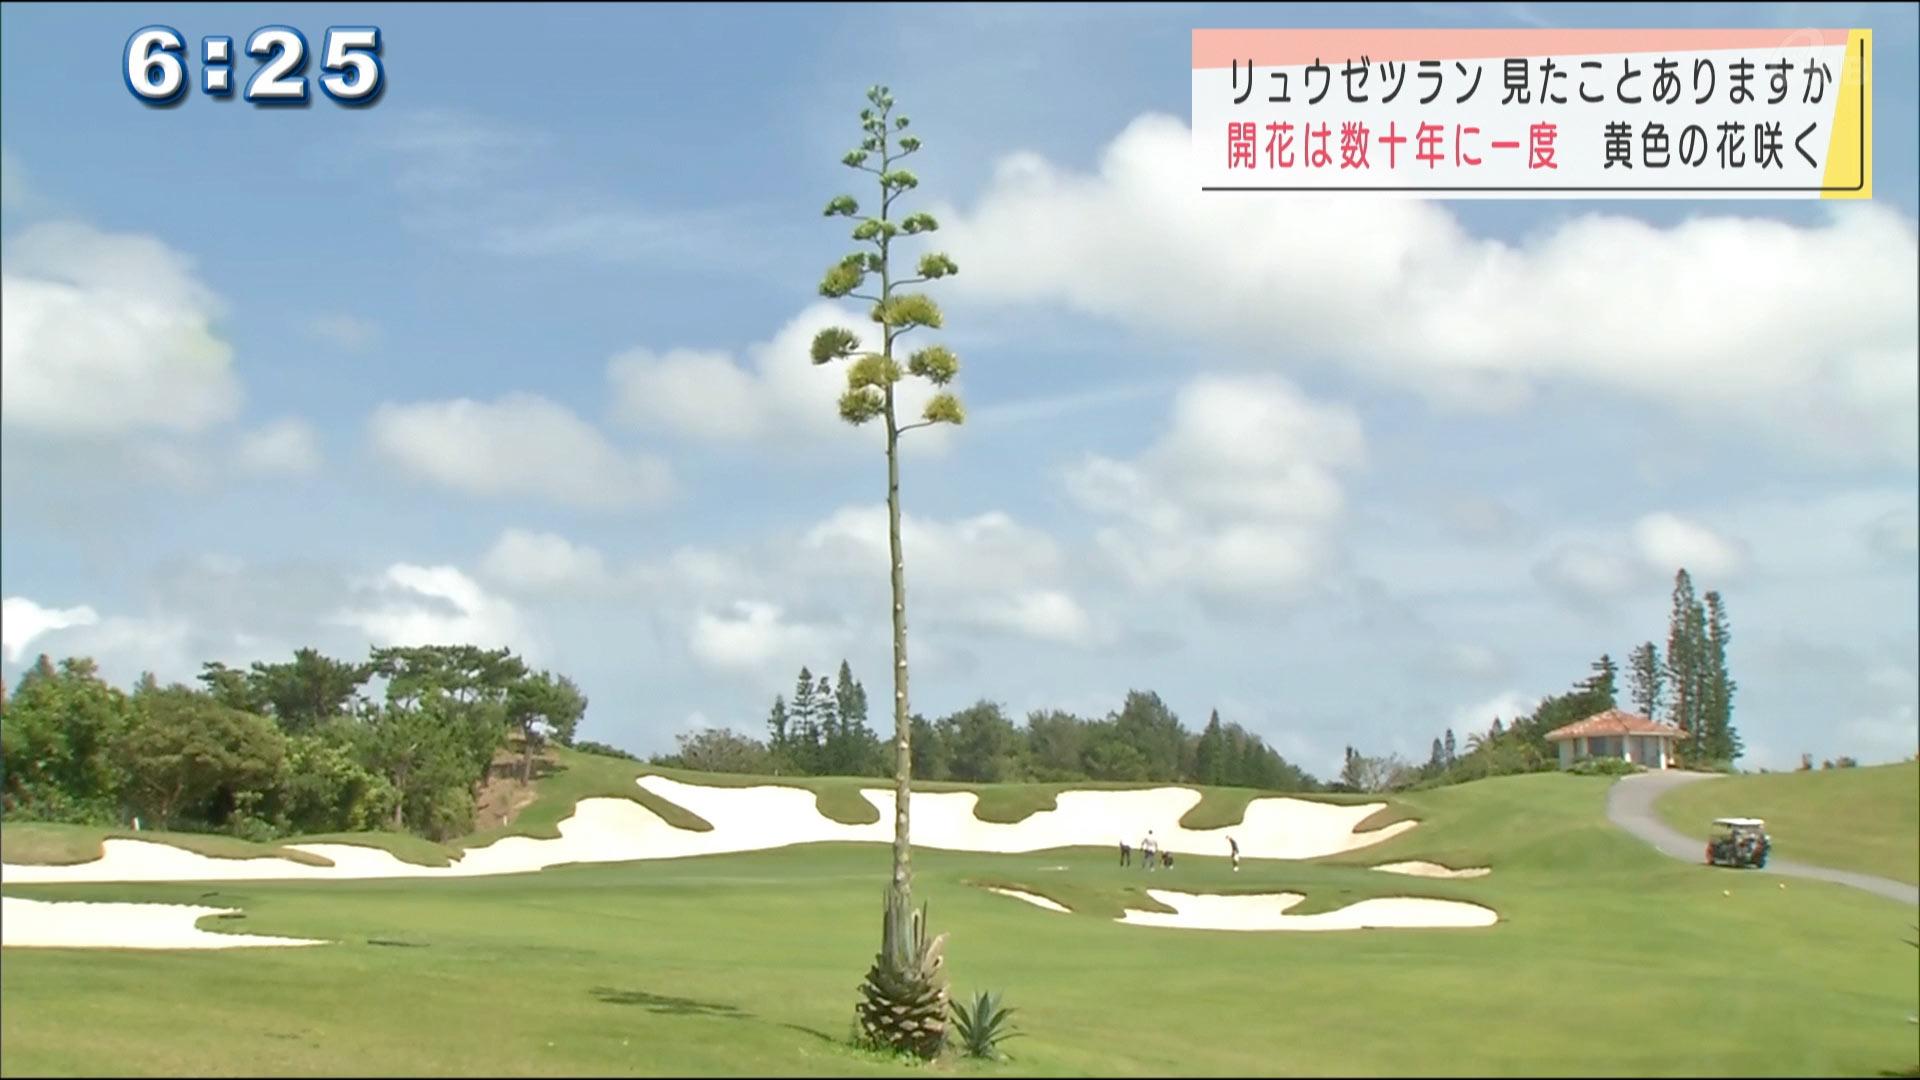 ゴルフ場で幻の花 開花